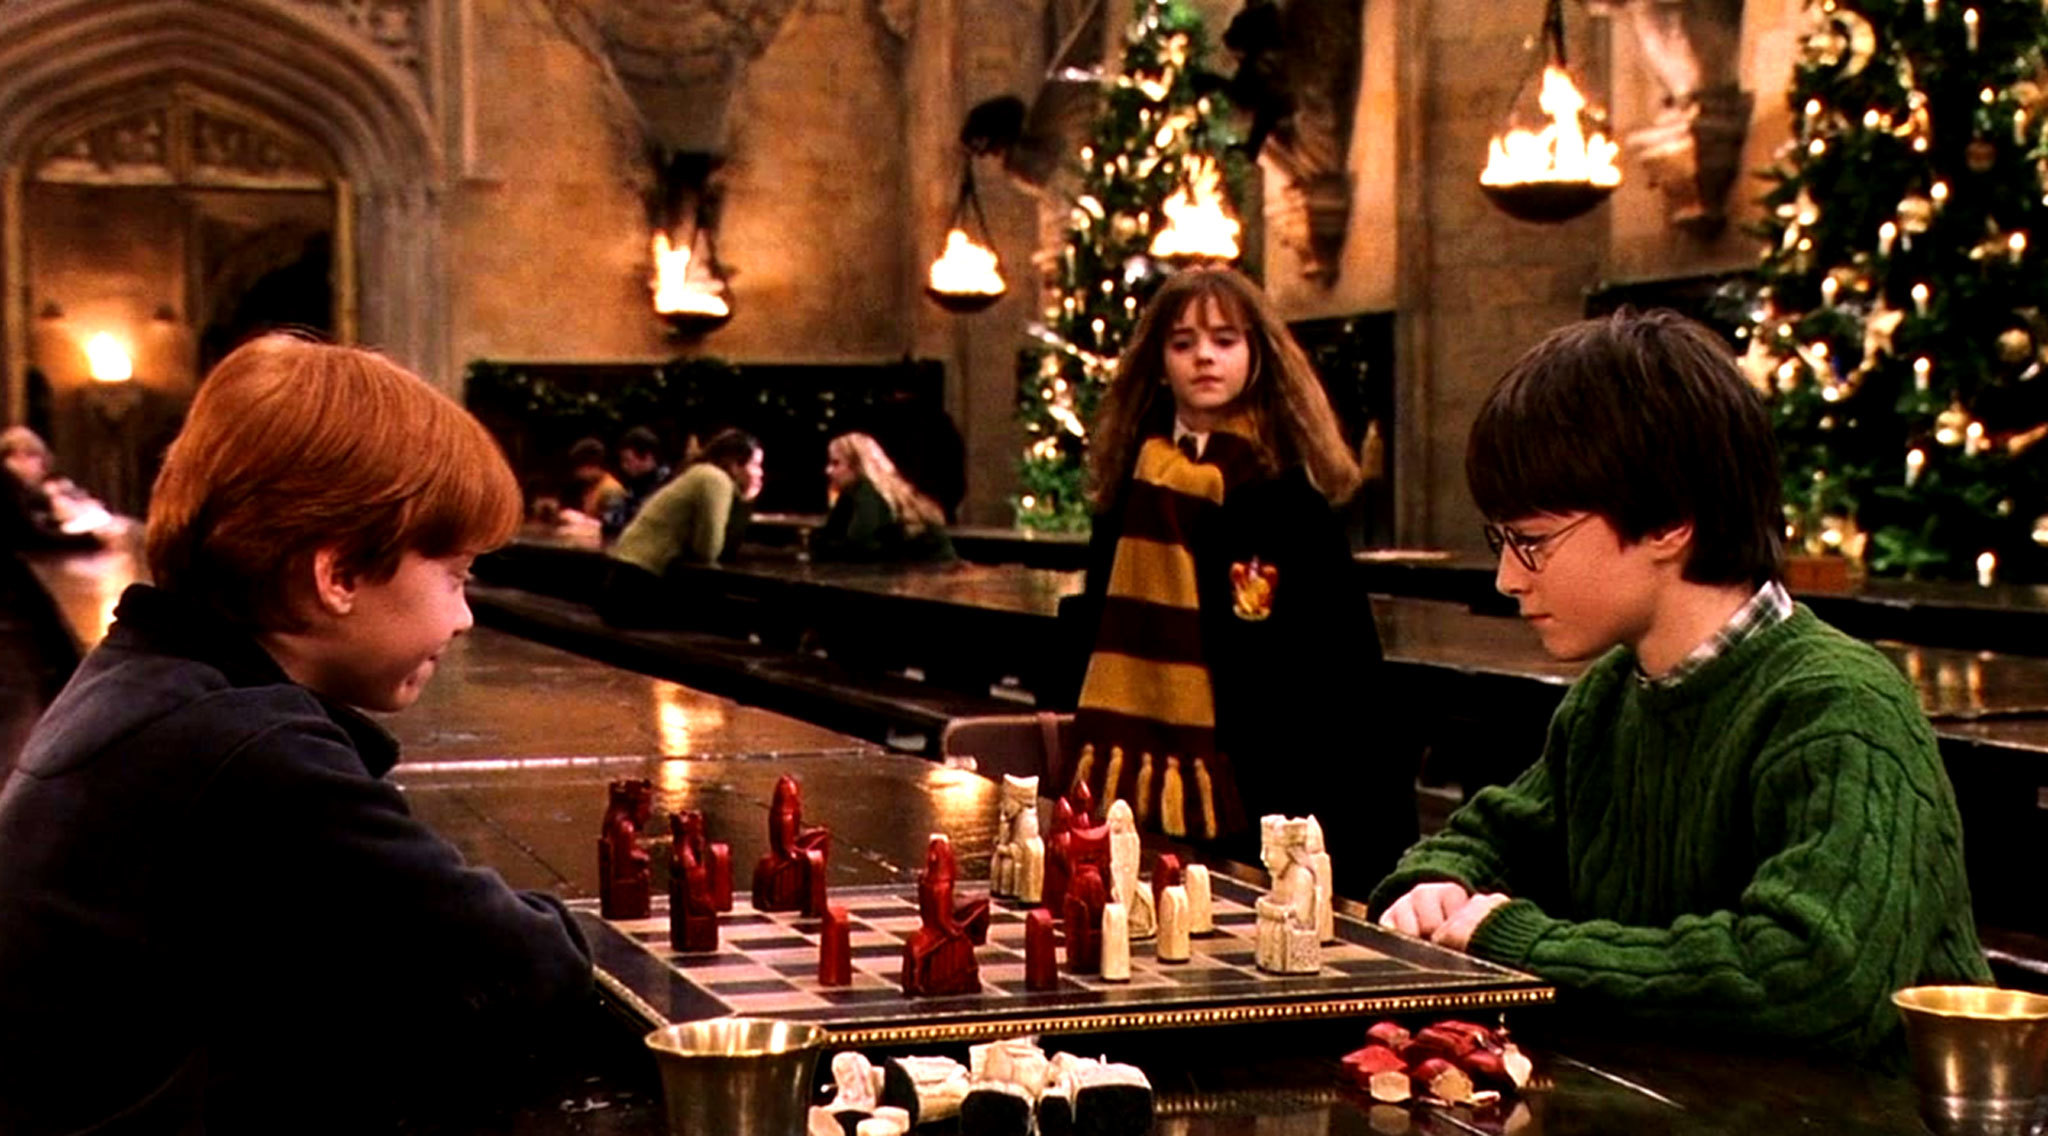 Harry Potter Christmas film still